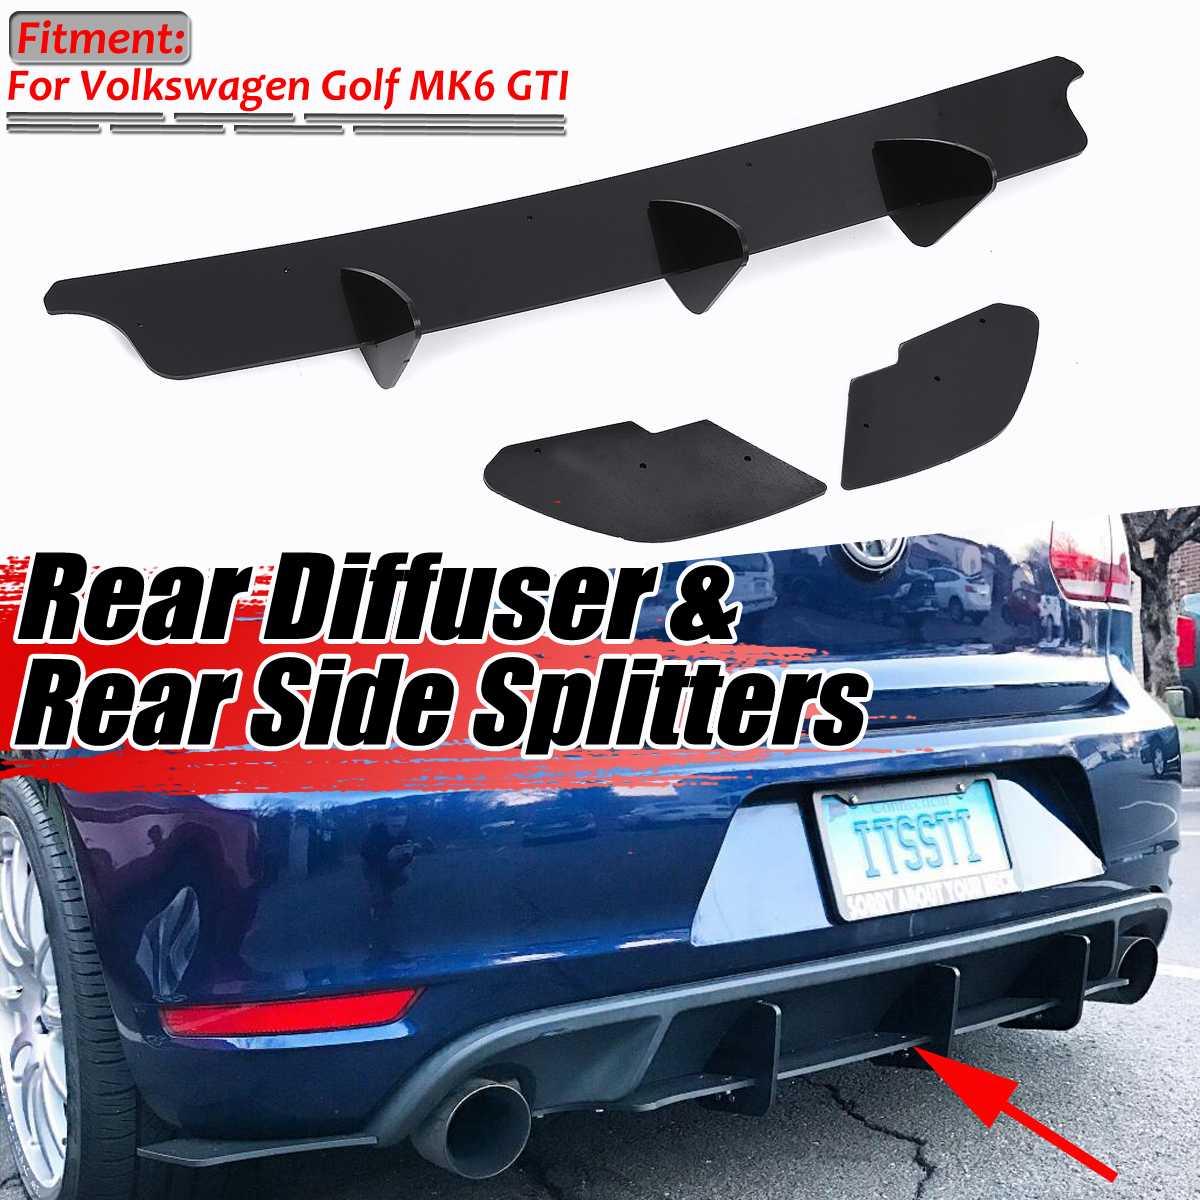 Pour diffuseur de pare-chocs arrière de voiture GTI et garde de becquet de séparateurs latéraux arrière pour VW pour Volkswagen pour Golf MK6 GTI/MK7 GTI/MK7.5 GTI